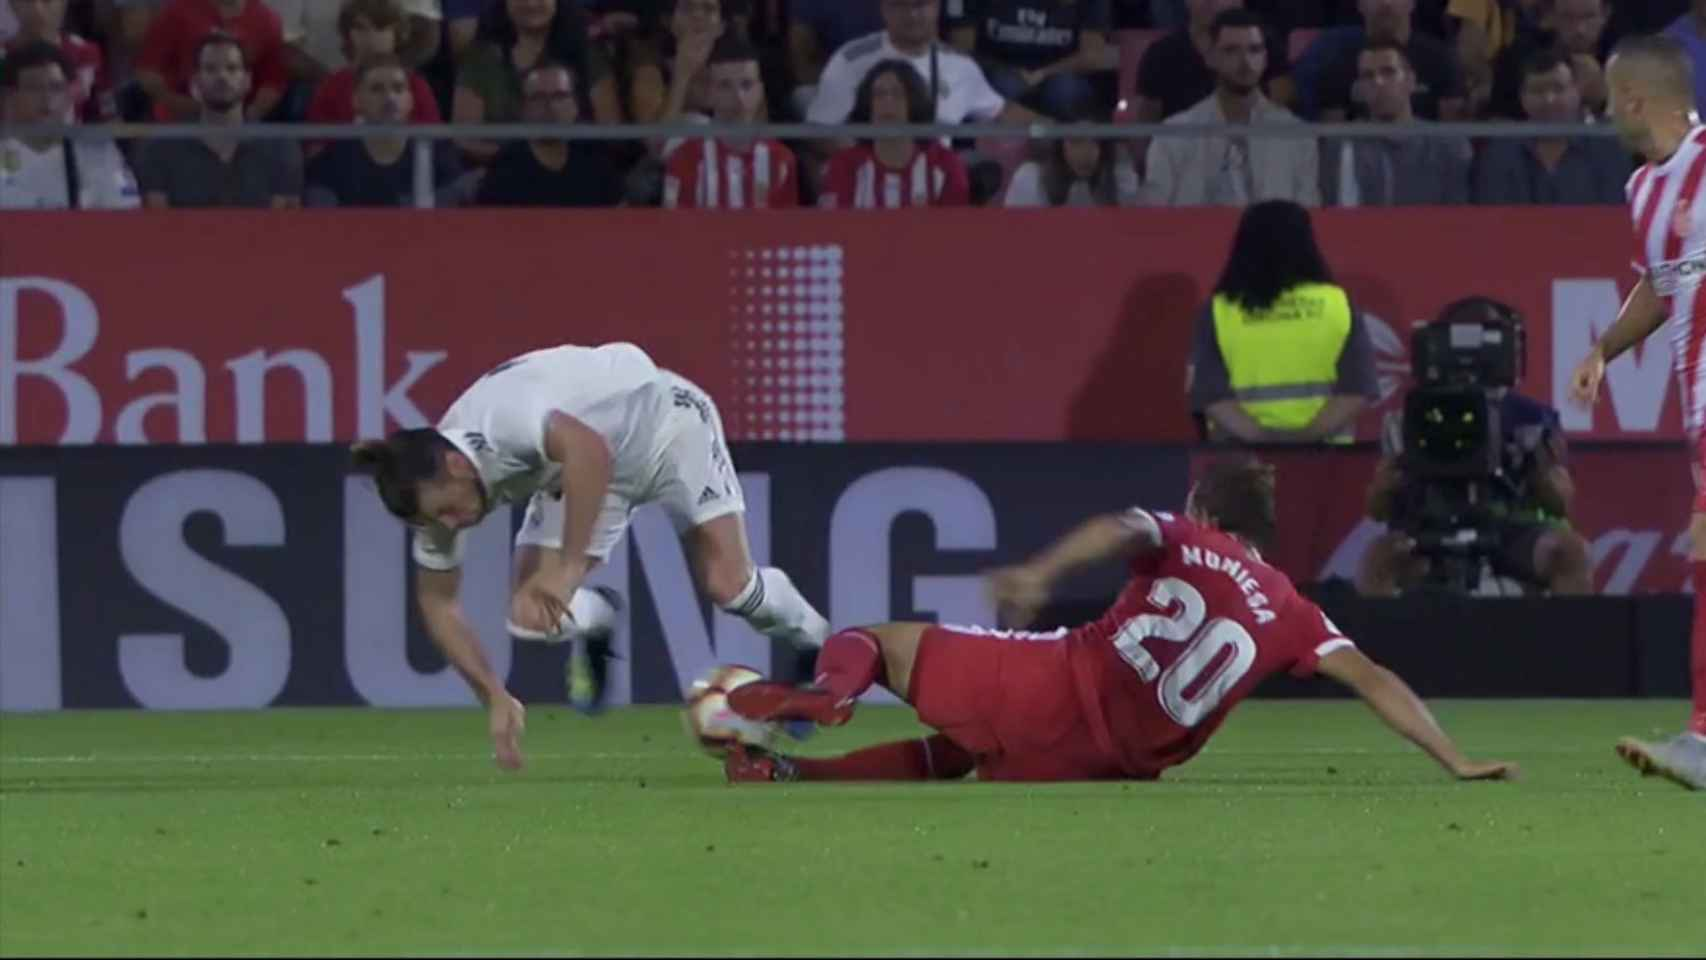 Dura entrada de Muniesa a Gareth Bale